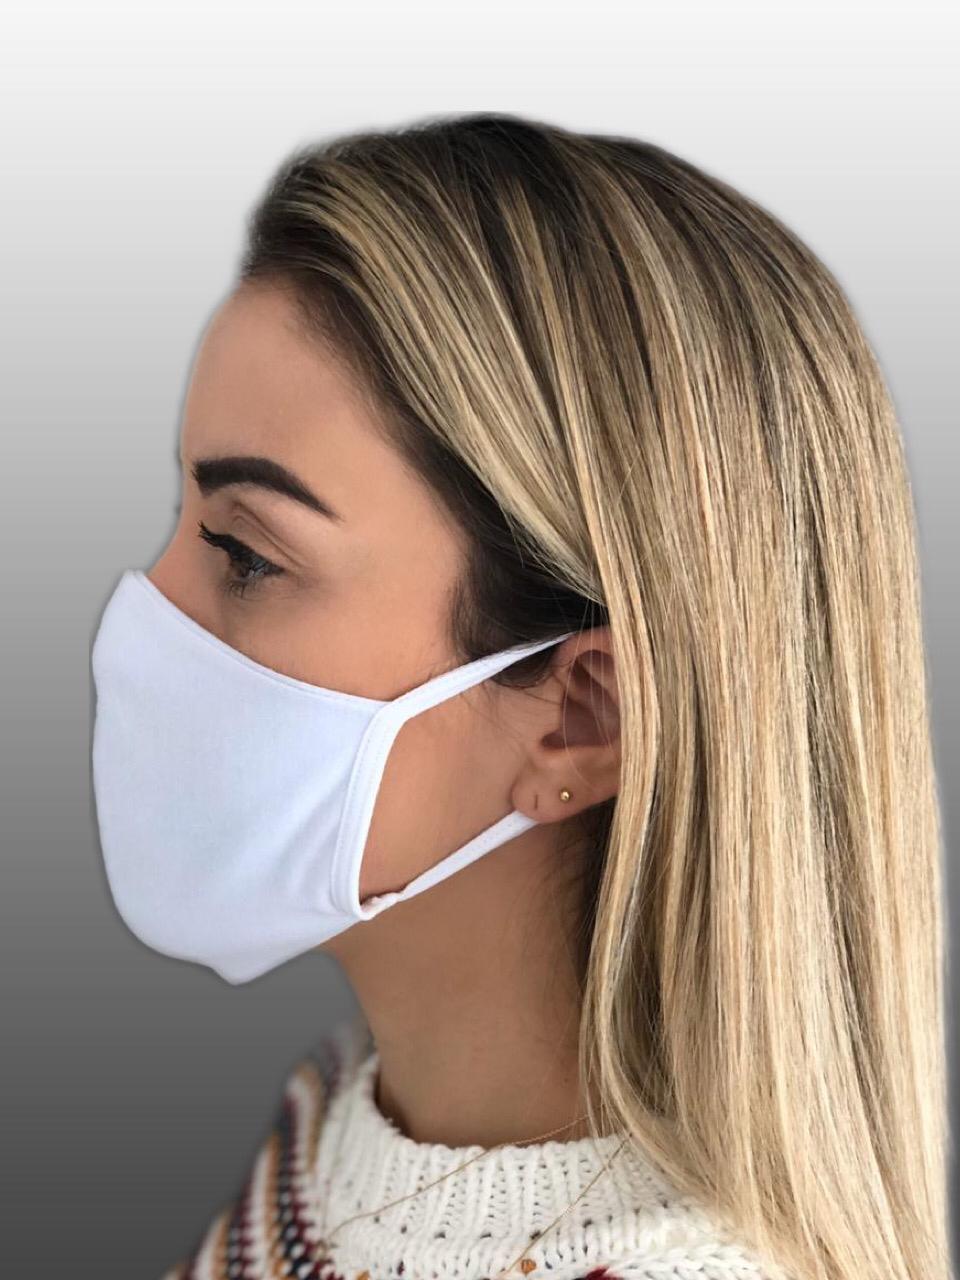 Máscara 100% Algodão Reutilizável Kit c/ 5 unidades